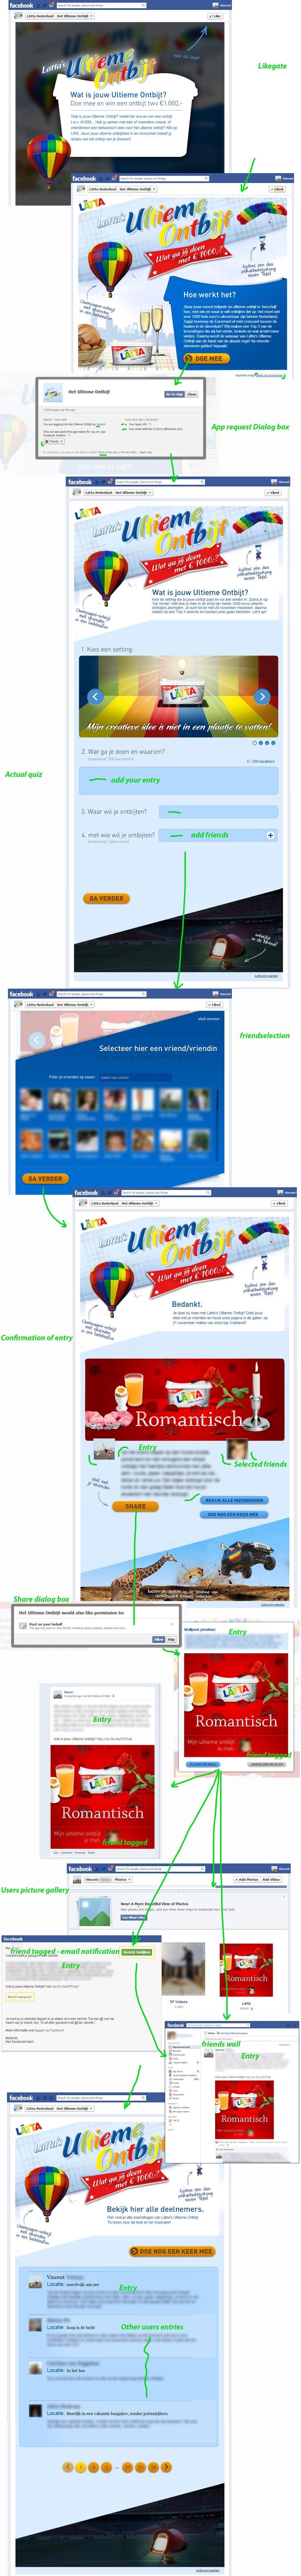 Een fraaie, aggresieve campagne, mijn favoriete Facebook app van deze week is die van Lätta! met likegate, app request voor userdata en het toevoegen van een afbeelding en fotomap op het profiel van de gebruiker en op de wall van friends die de user heeft getagged. Zeer compleet, fraai vormgegeven en goed ingebed in de facebook api. nice!    https://www.facebook.com/LattaNederland